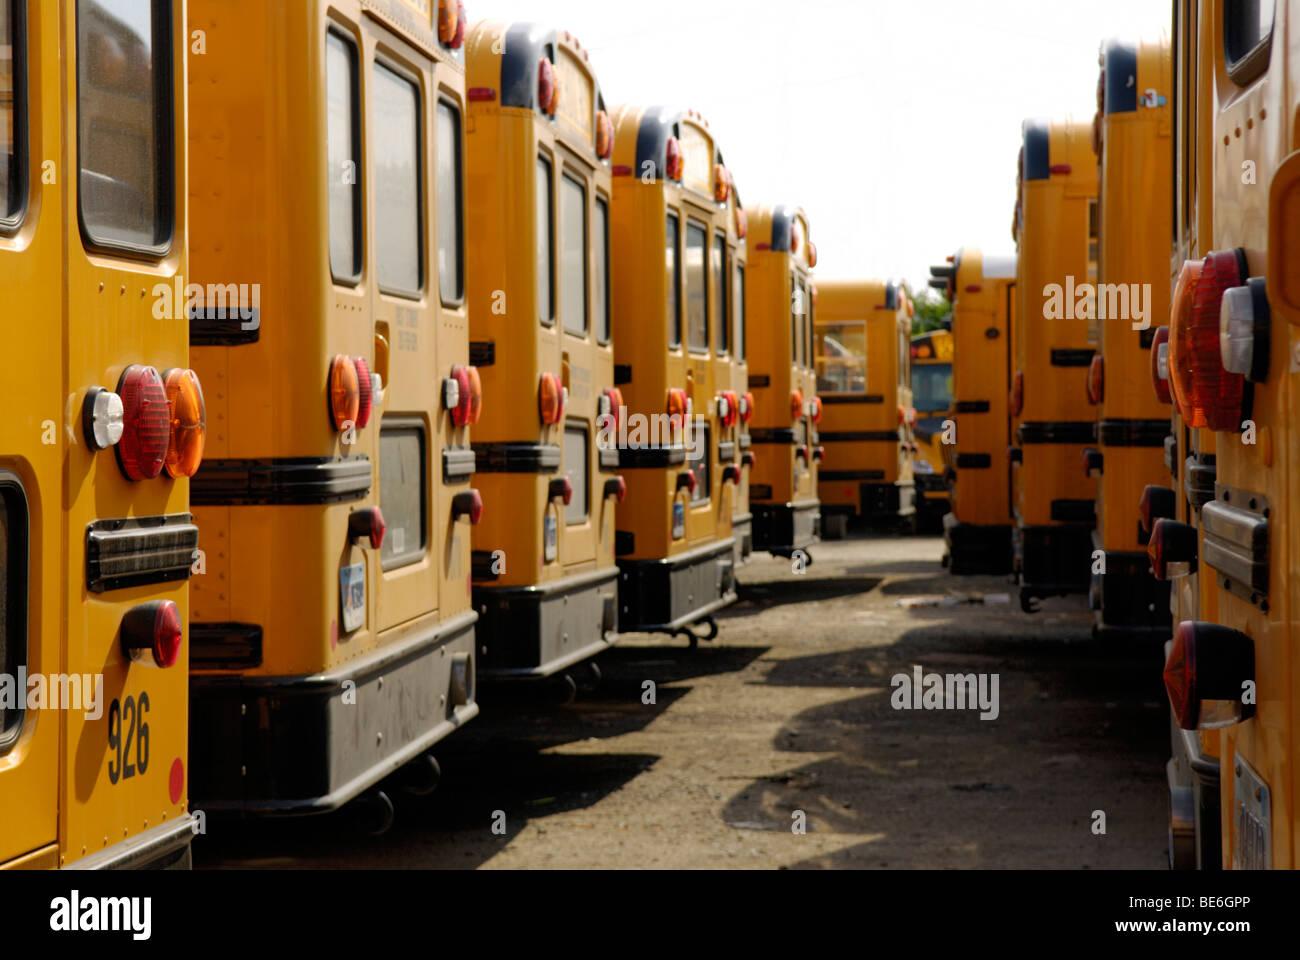 Los autobuses escolares estacionados en un almacén Imagen De Stock